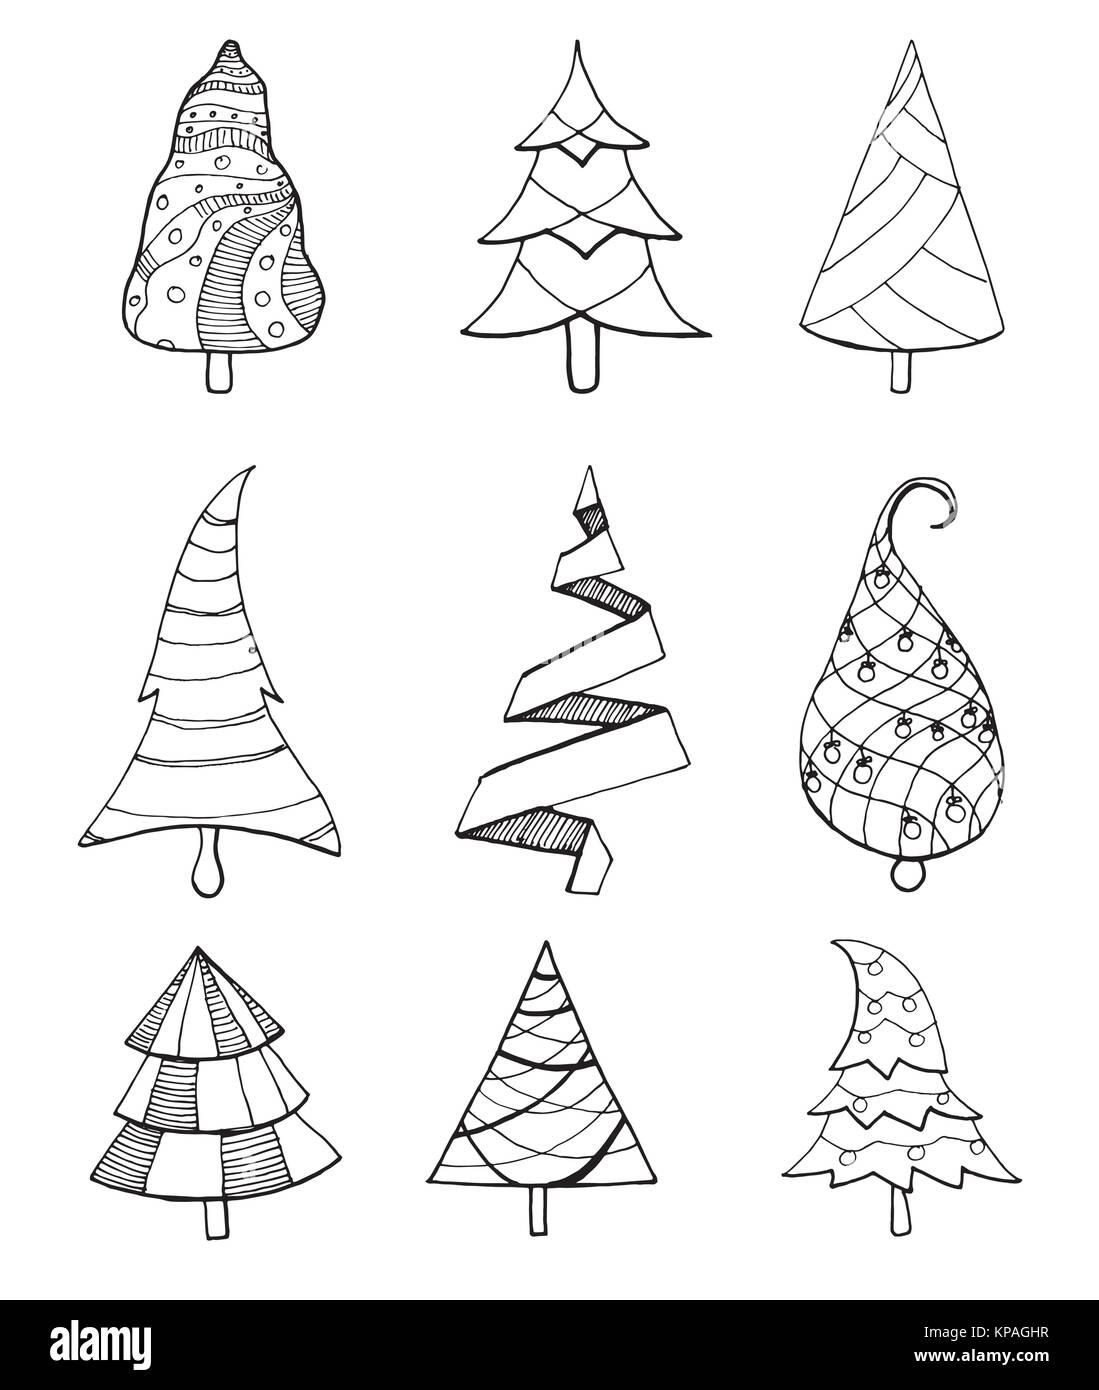 Impostare Decorativo Di Alberi Di Natale Illustrazione Vettoriale